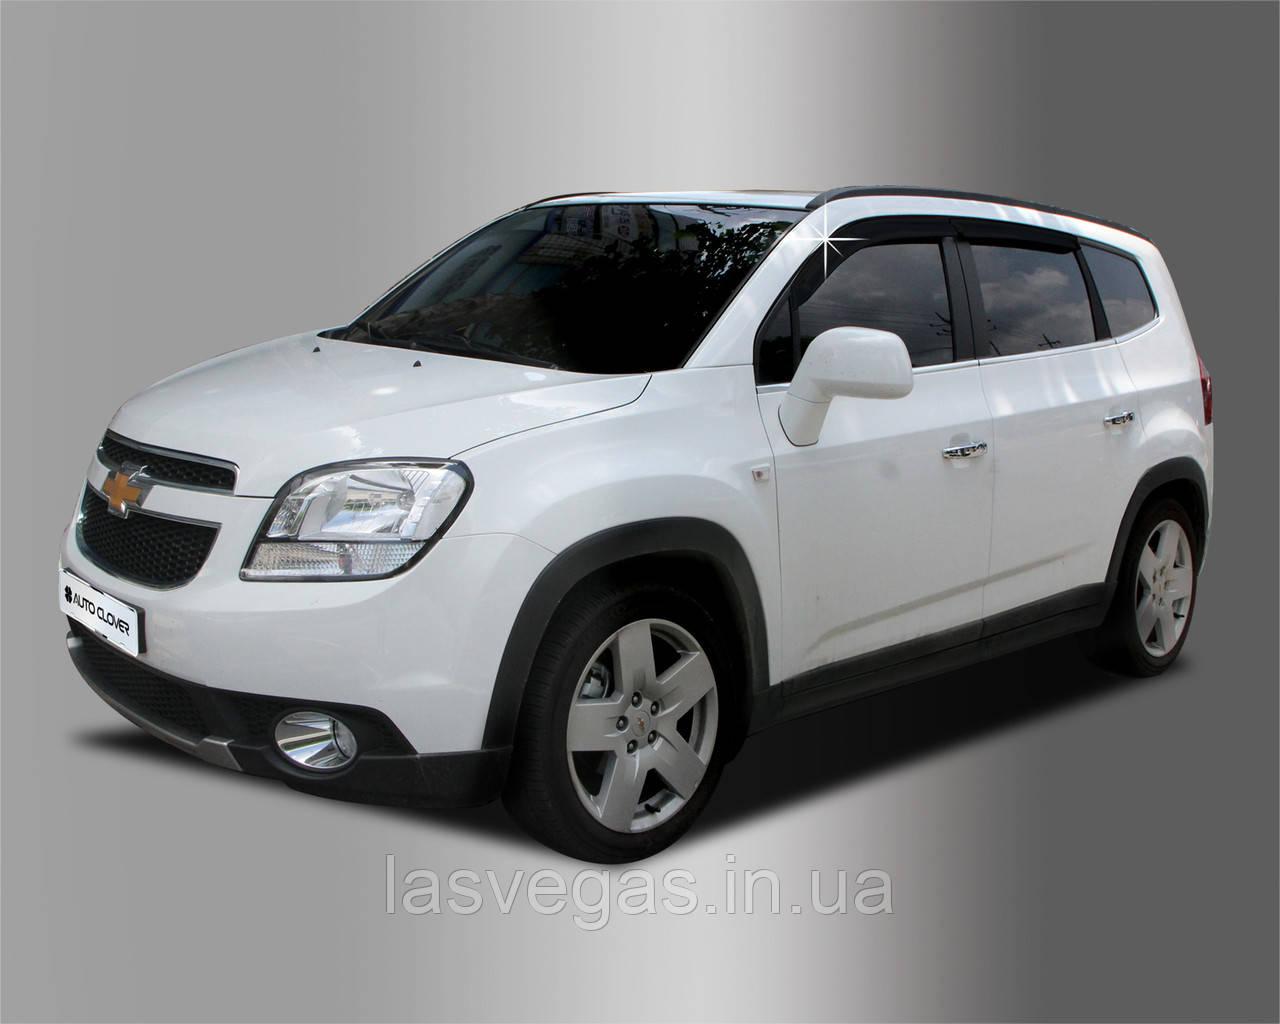 Дефлекторы окон (ветровики) Chevrolet Orlando 2011- (A134) Avtoclover